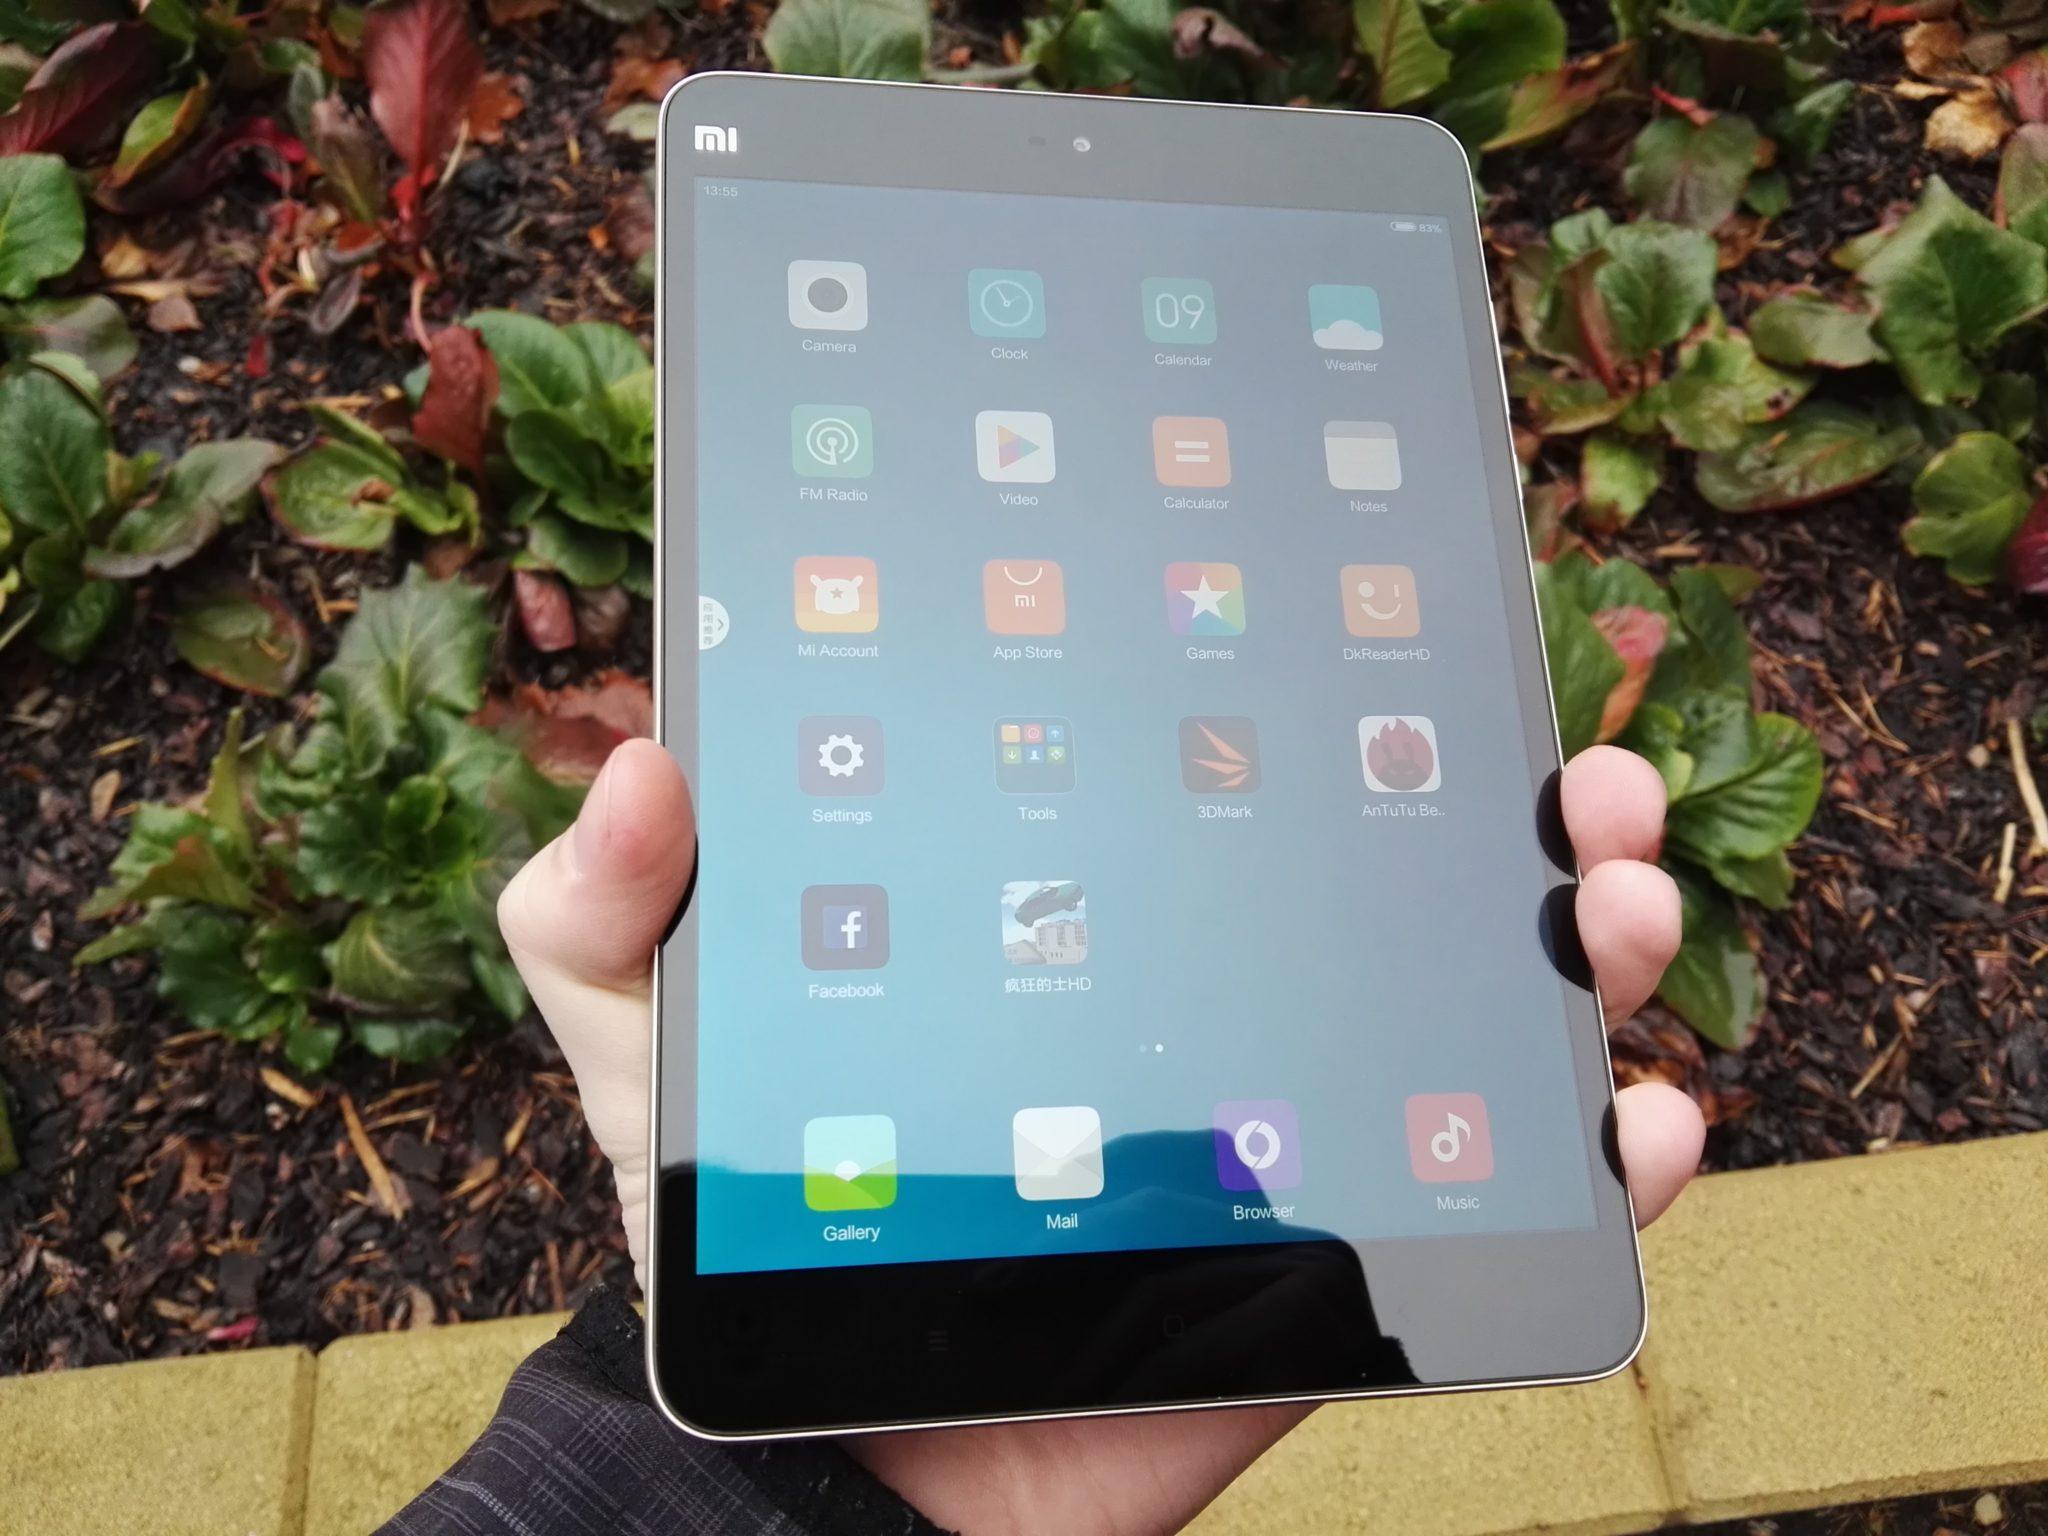 Xiaomi Mi Pad 2 – kovové dělo s výkonem a elegancí [minirecenze]